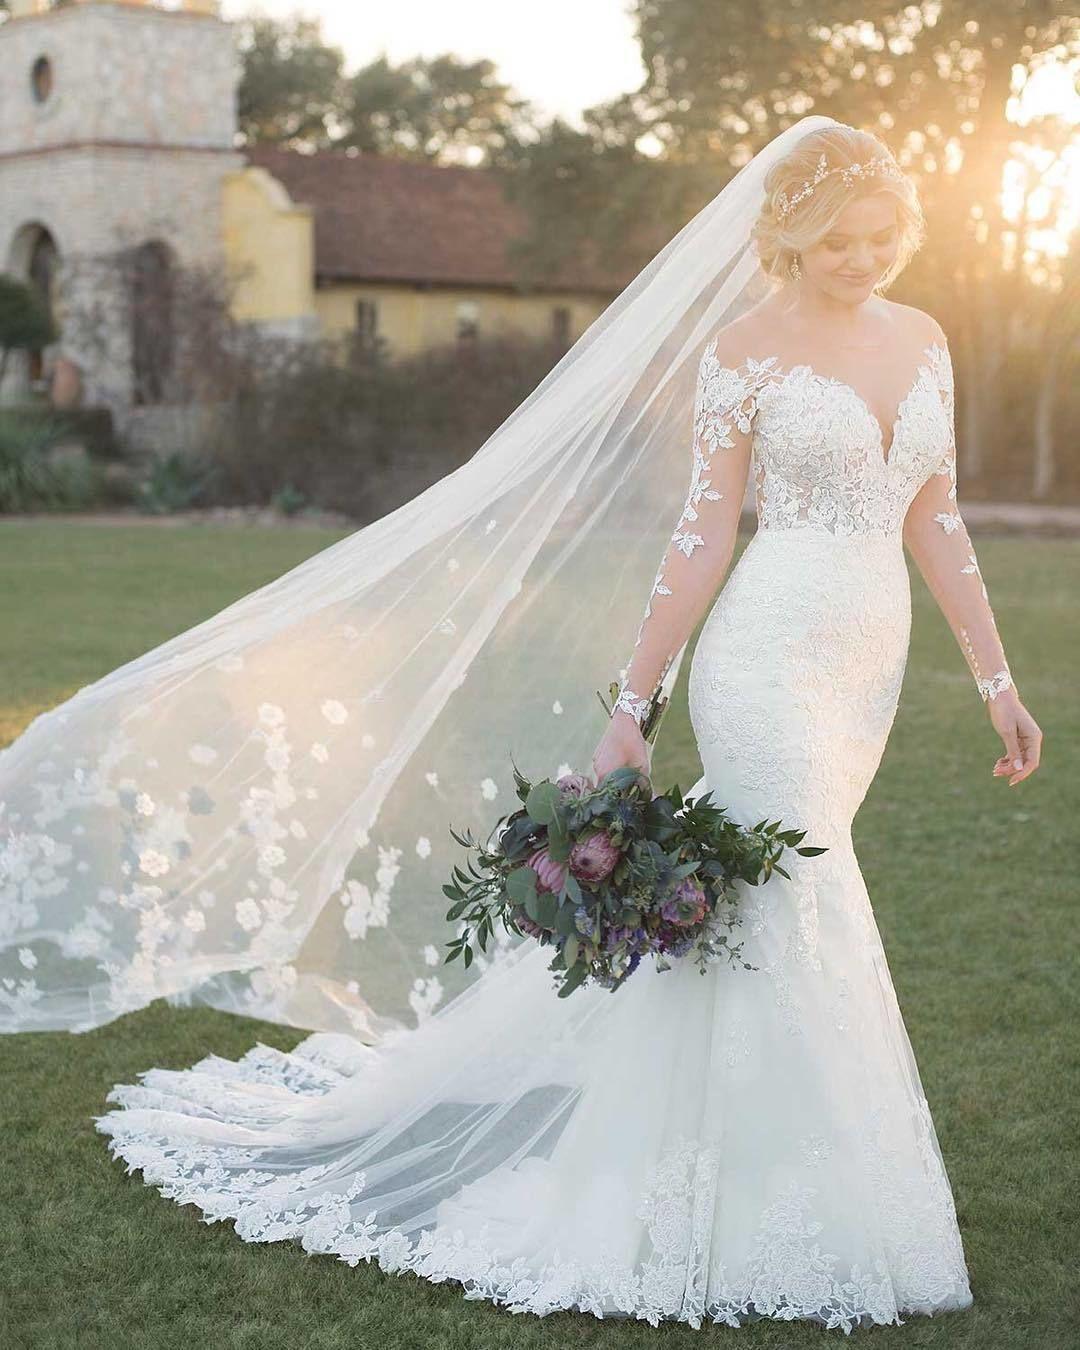 """Galería de vestidos de novia en Instagram: """"¡Este velo es caprichoso y para morirse!  😍 ¿Quién quiere algo como esto para su gran día?  ¡Toca, toca!  🙋.  .  Vestido de @essenseofaustralia.… """"  – Boda"""